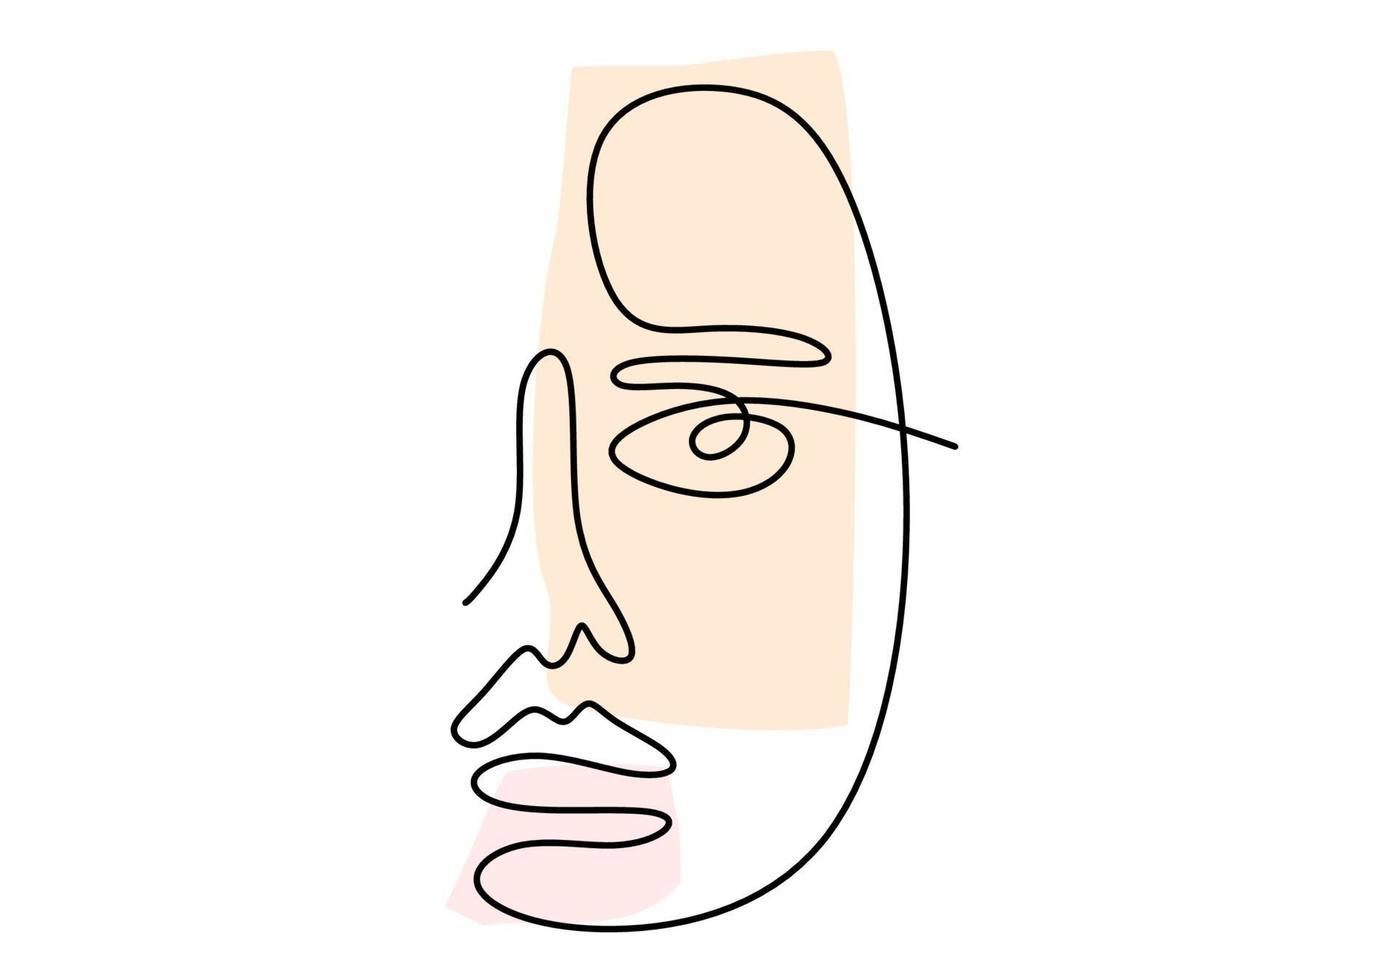 poster abstrato com rosto mínimo de mulher com desenho de linha de uma expressão feliz. vetor